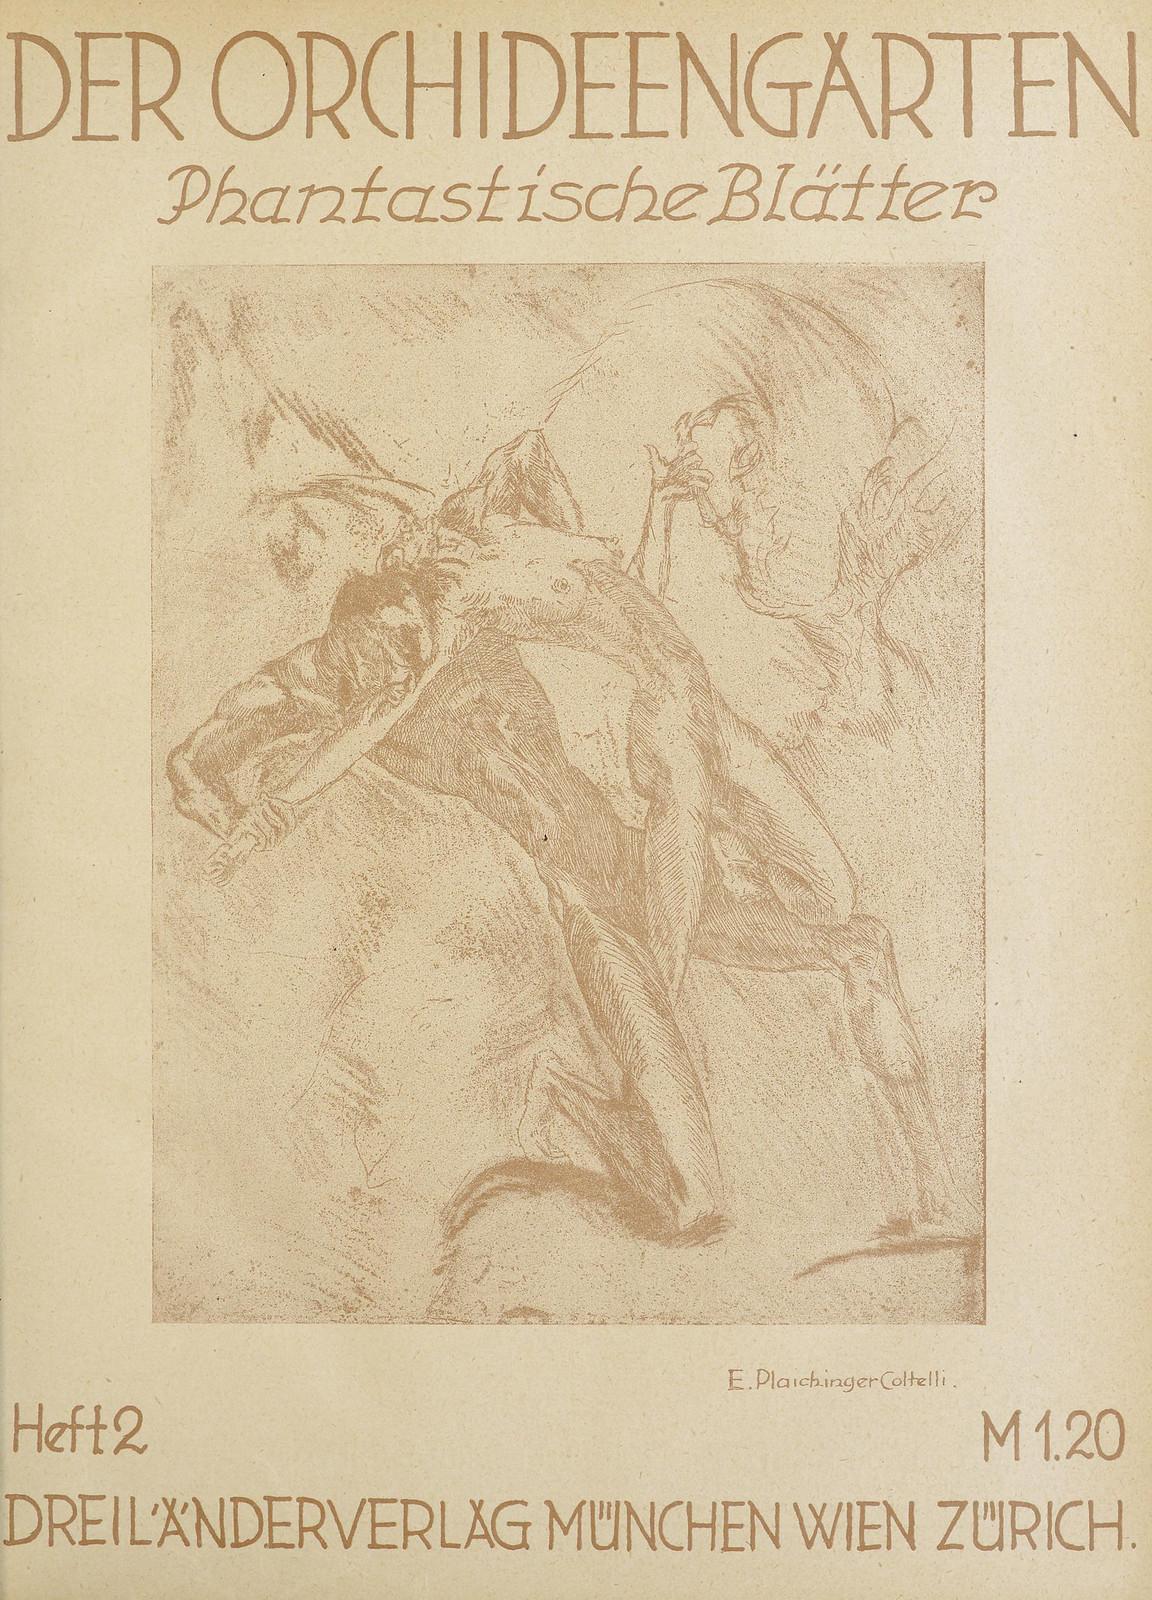 Der Orchideengarten - 1920 (Cover 2)